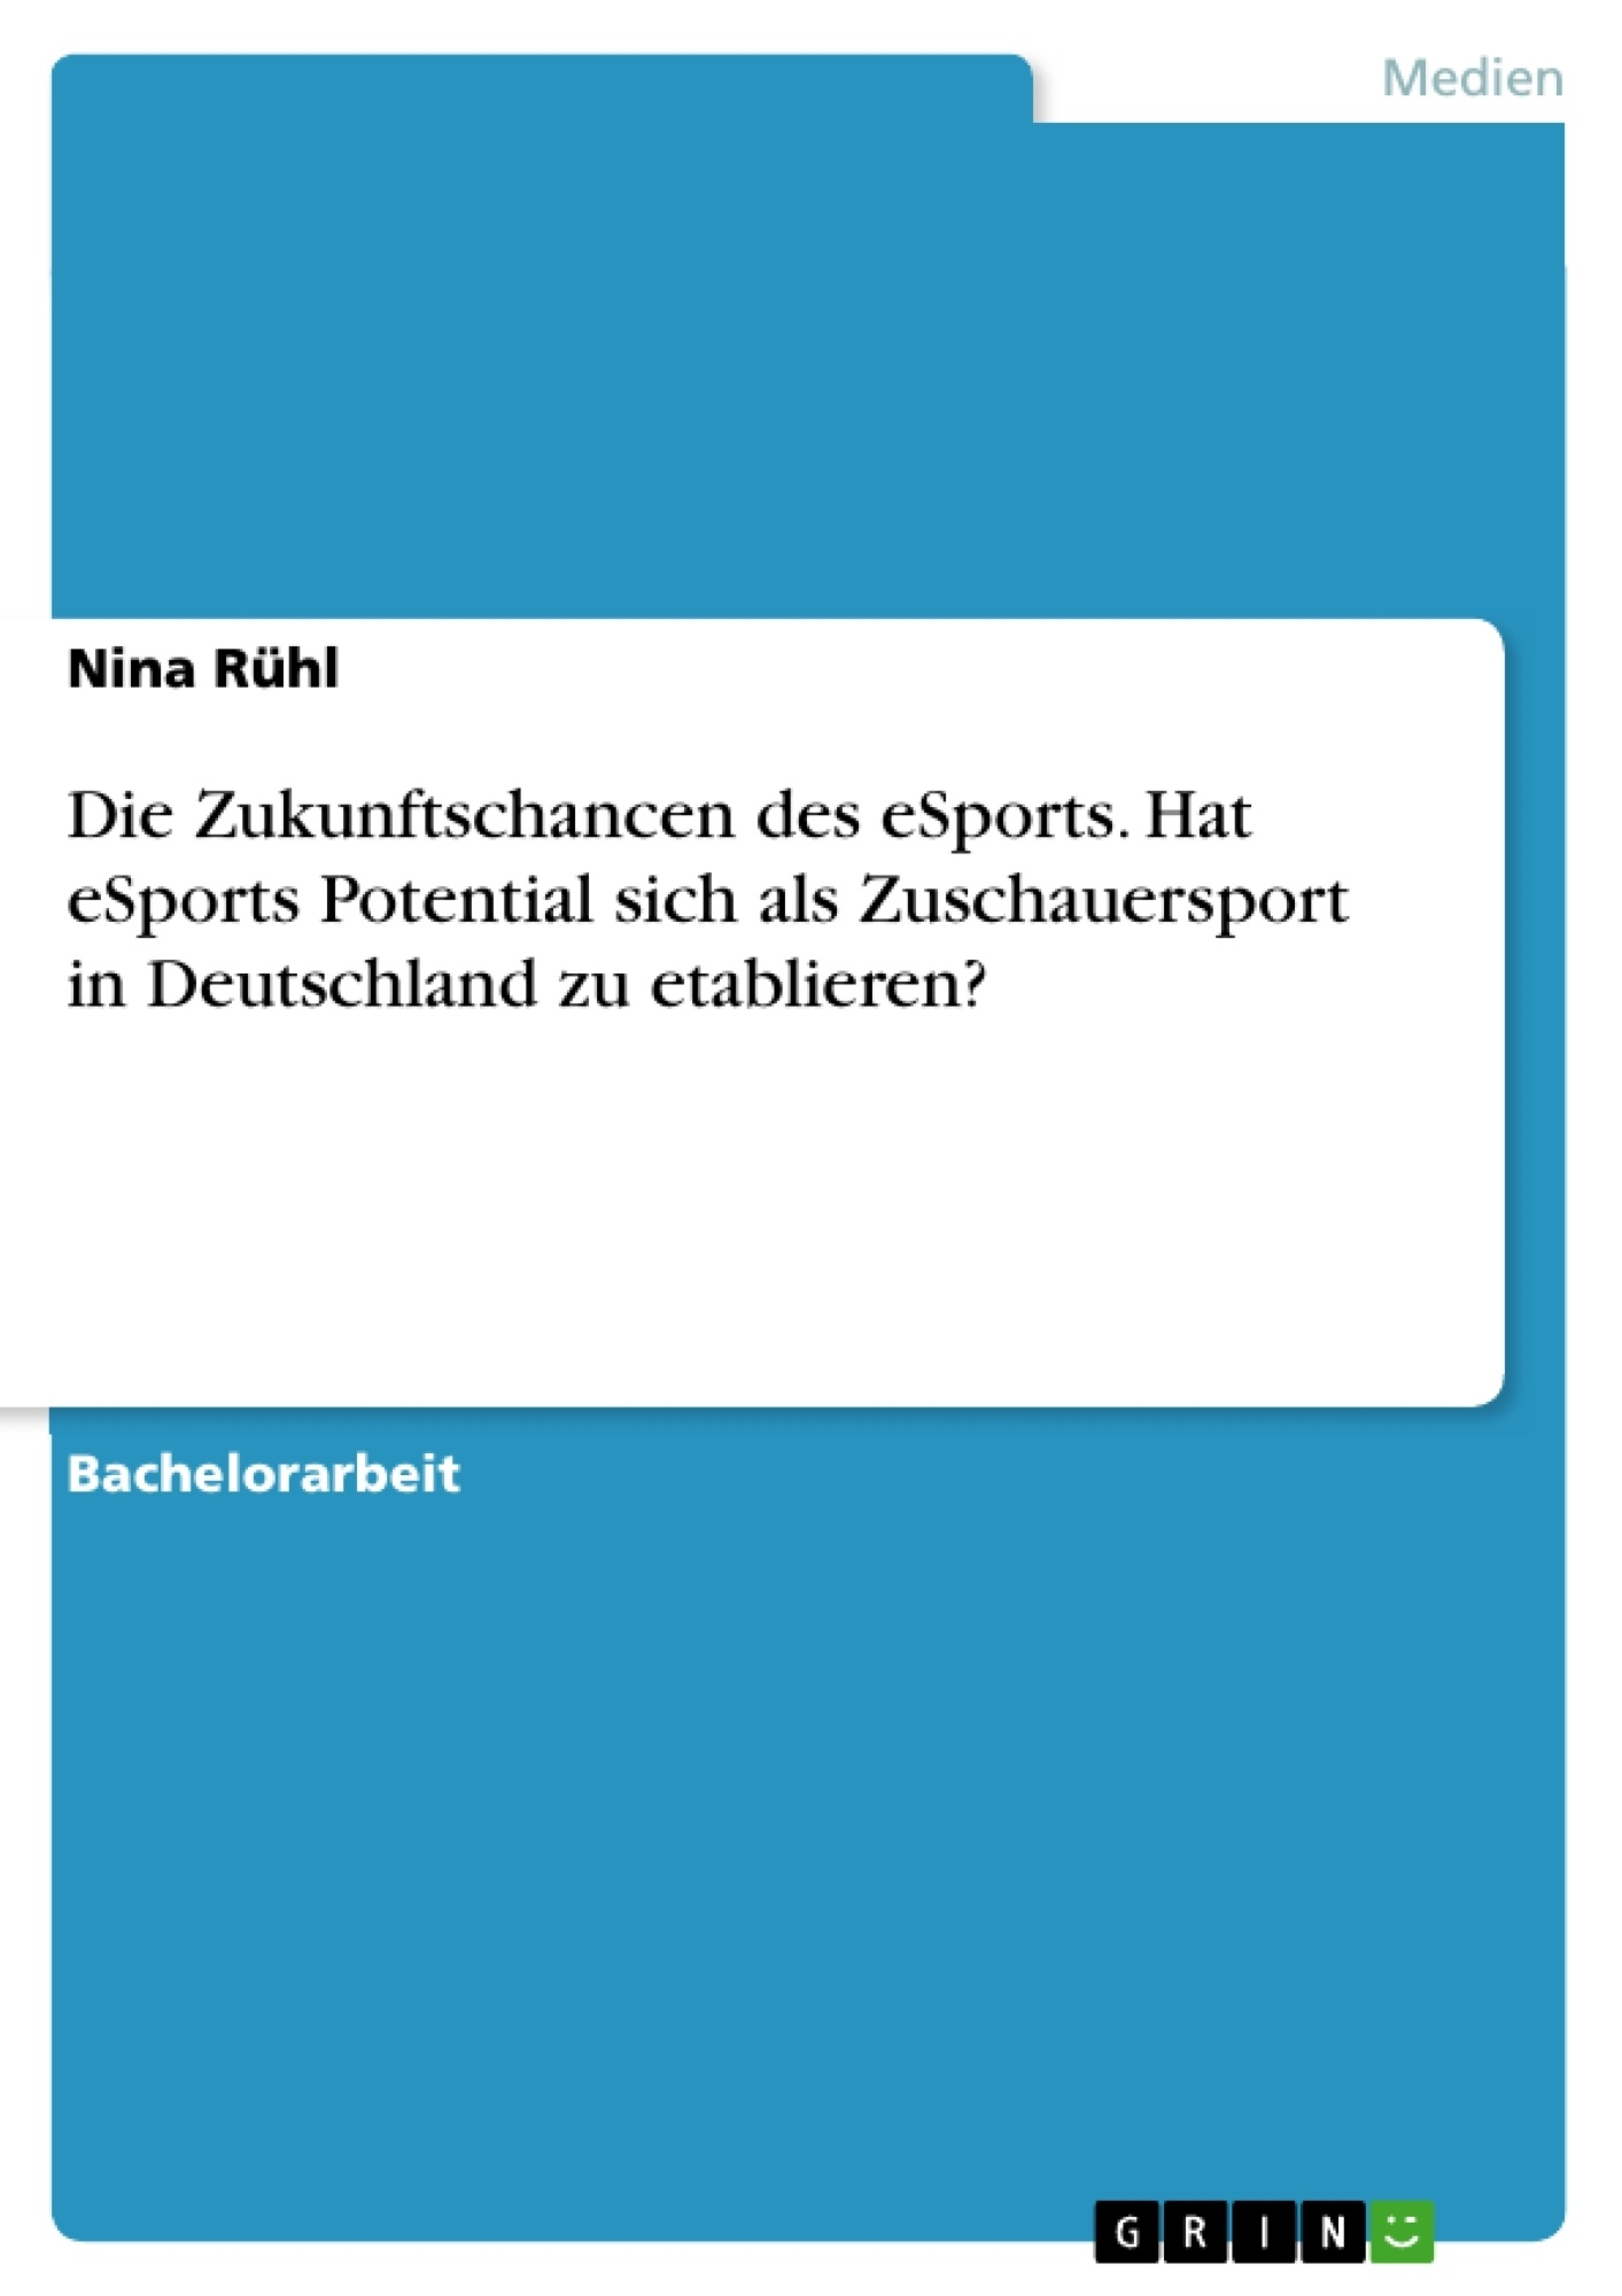 Titel: Die Zukunftschancen des eSports. Hat eSports Potential sich als Zuschauersport in Deutschland zu etablieren?